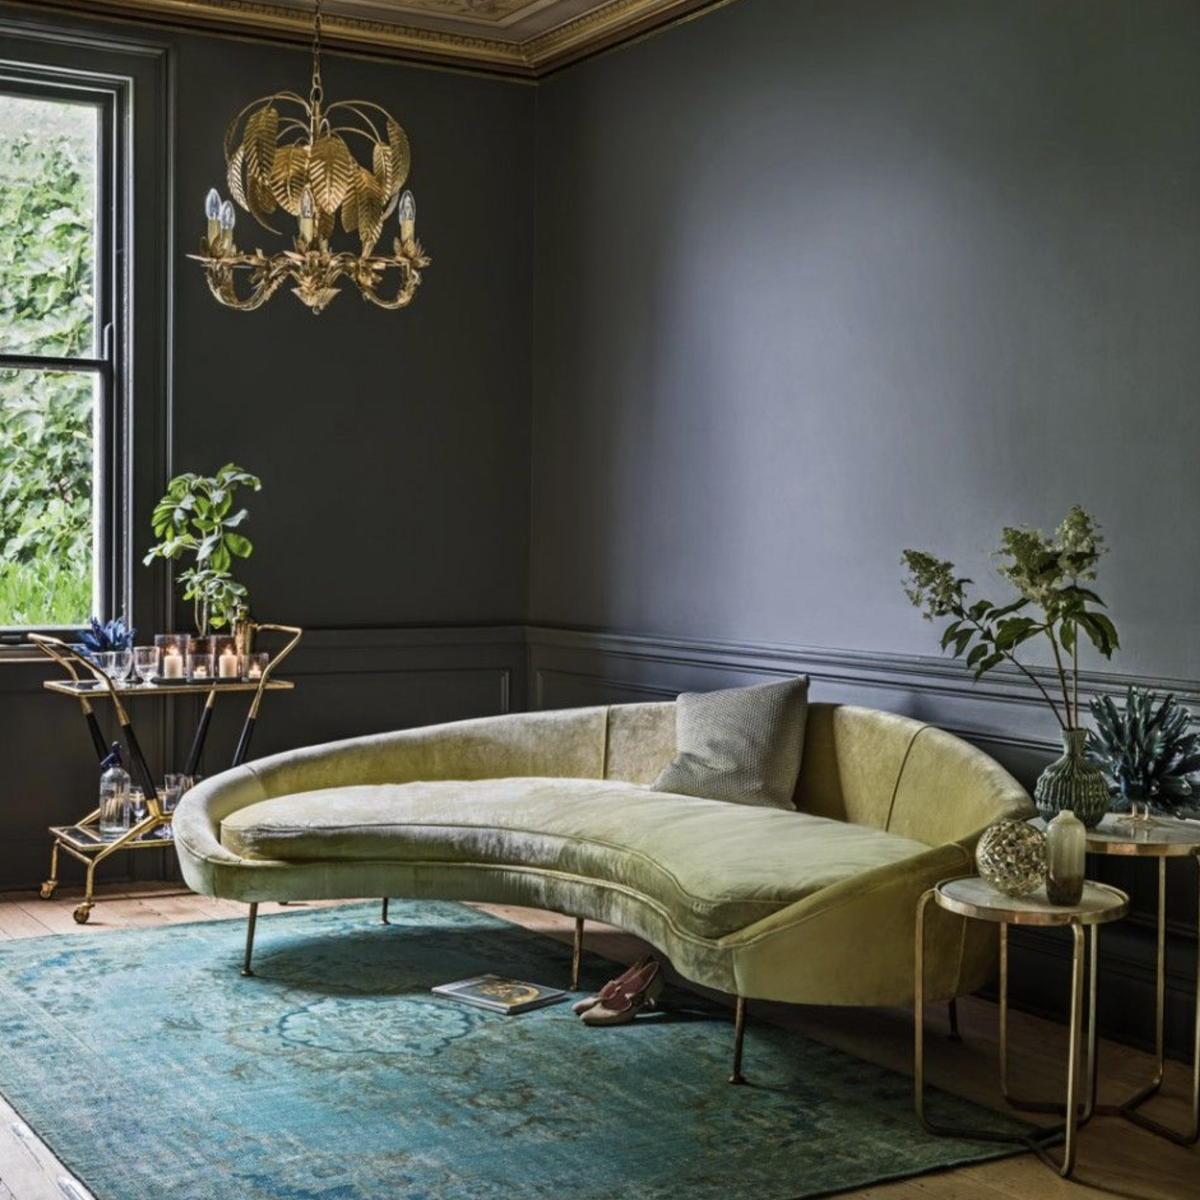 colore-tiffany-arredare-salotto-camera-da-letto-bagno-cucina-3